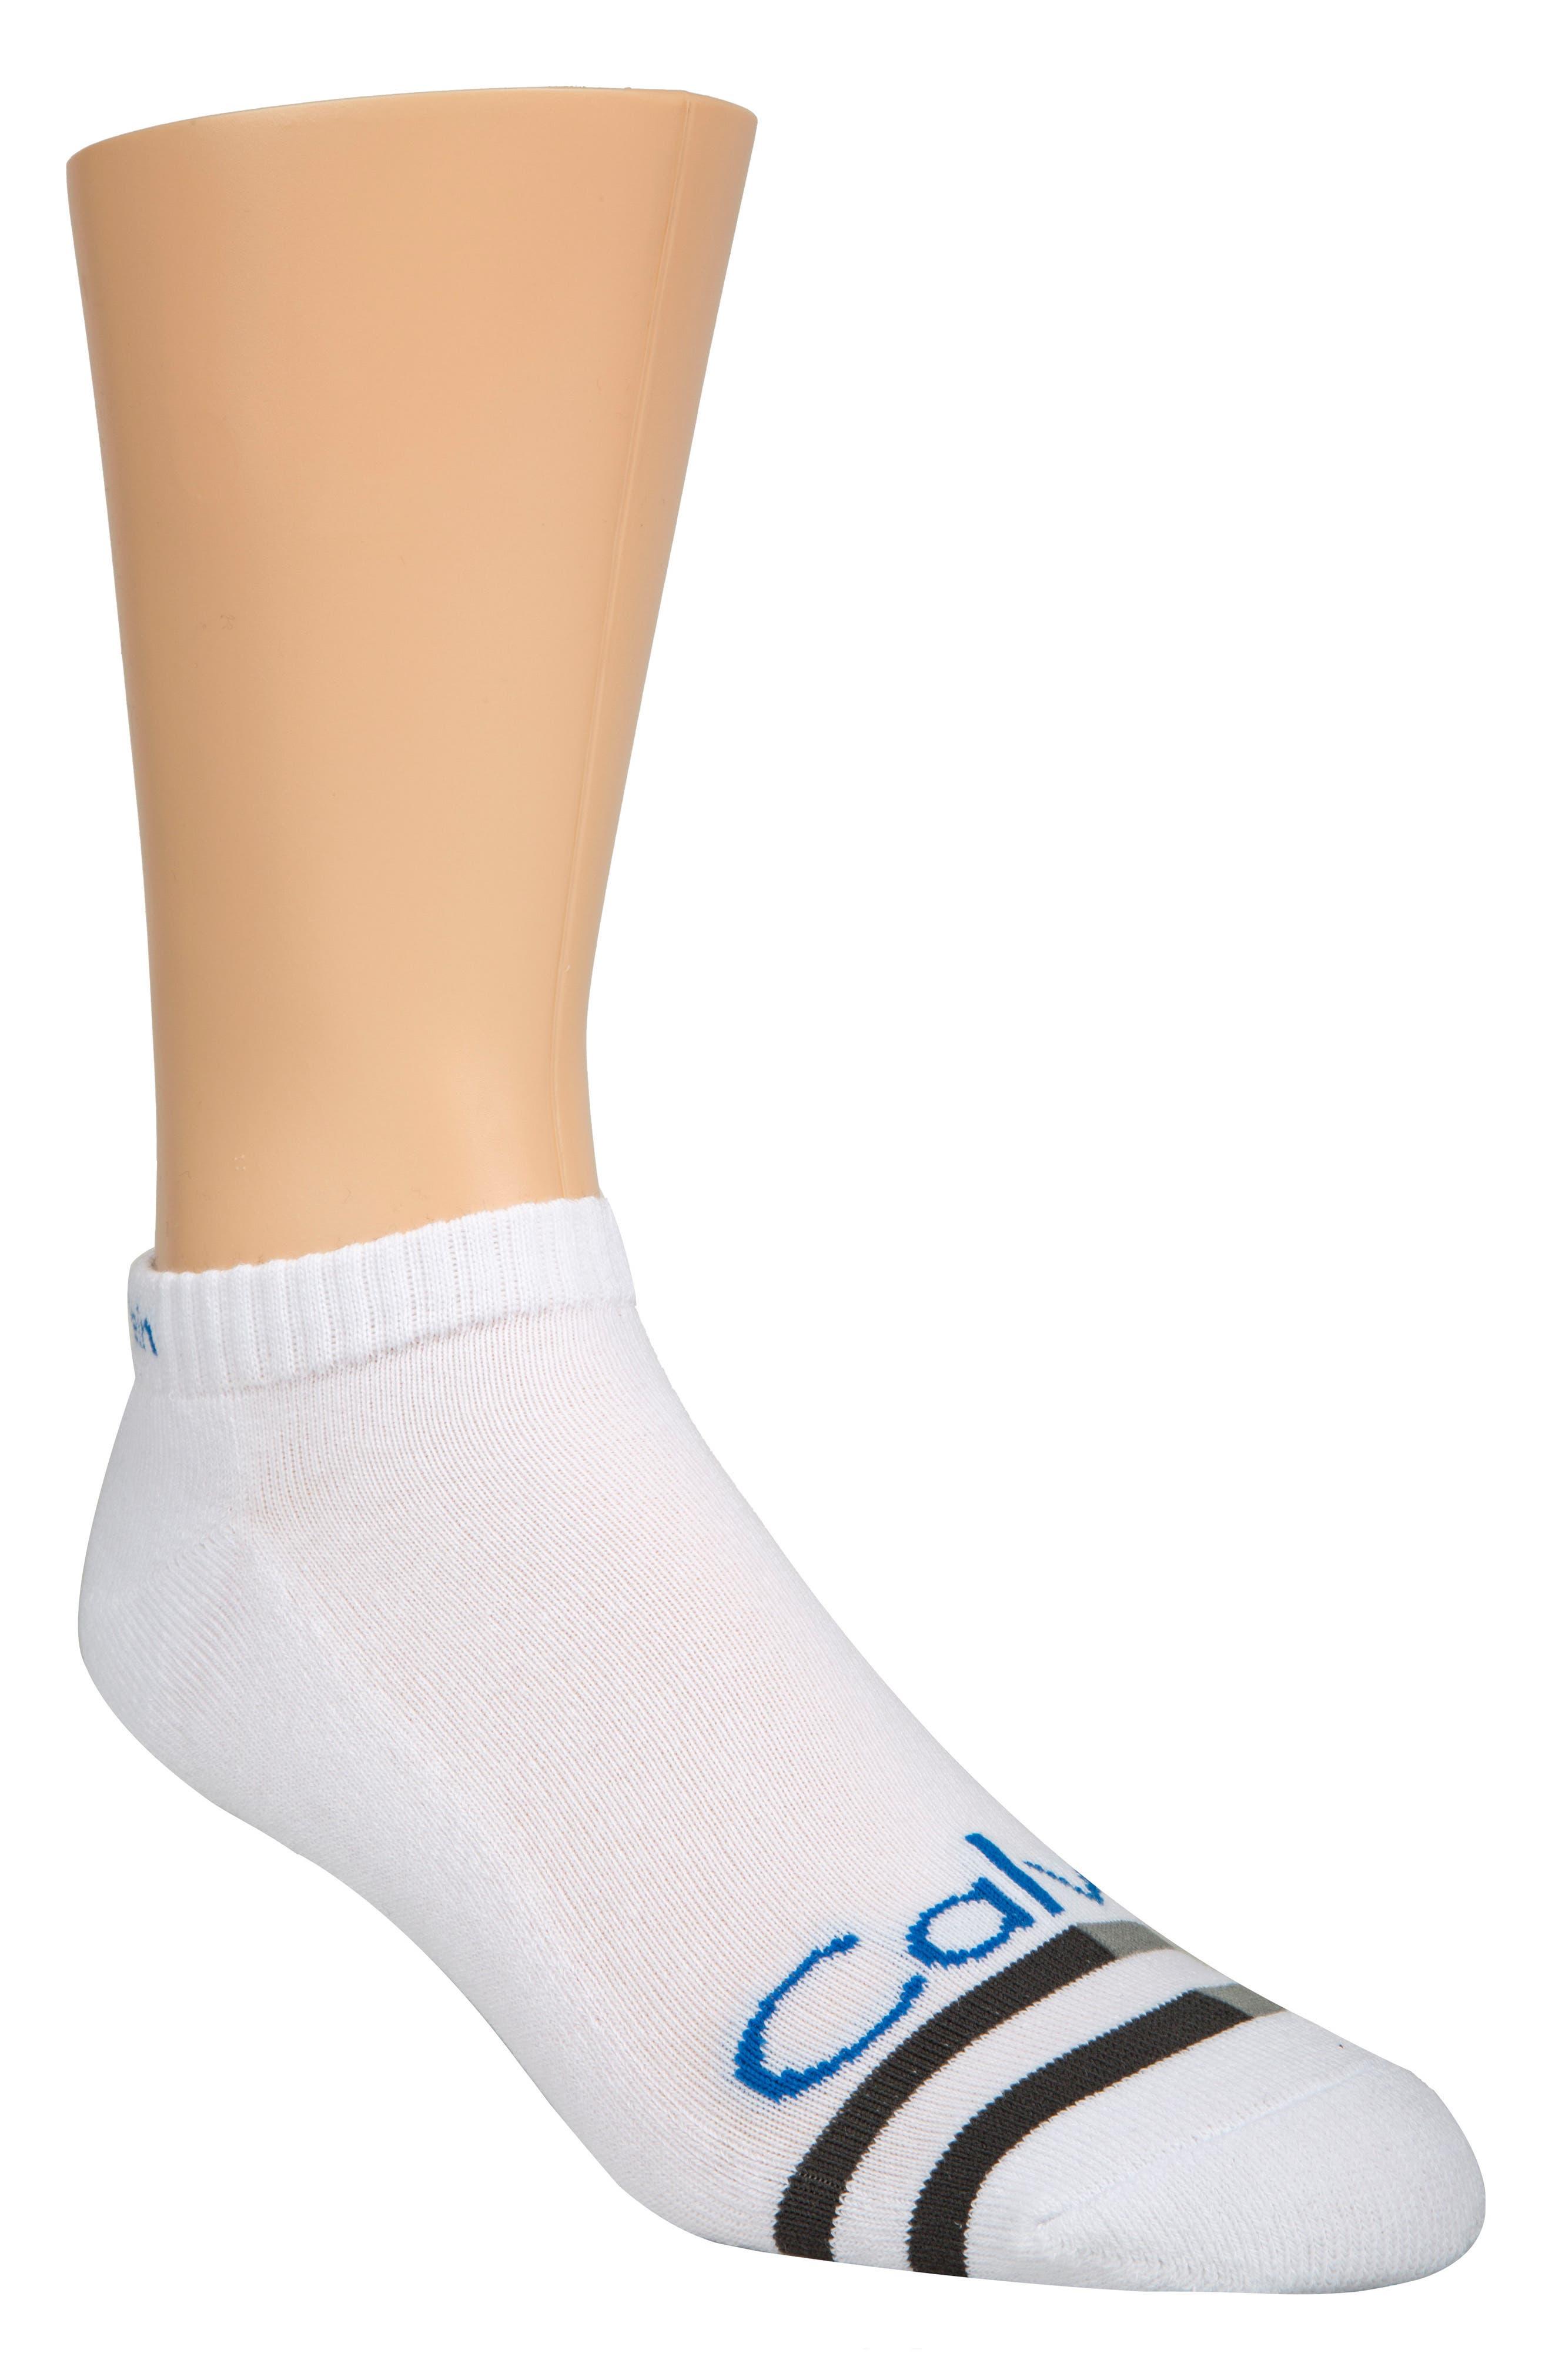 Logo Liner Socks,                             Main thumbnail 1, color,                             White